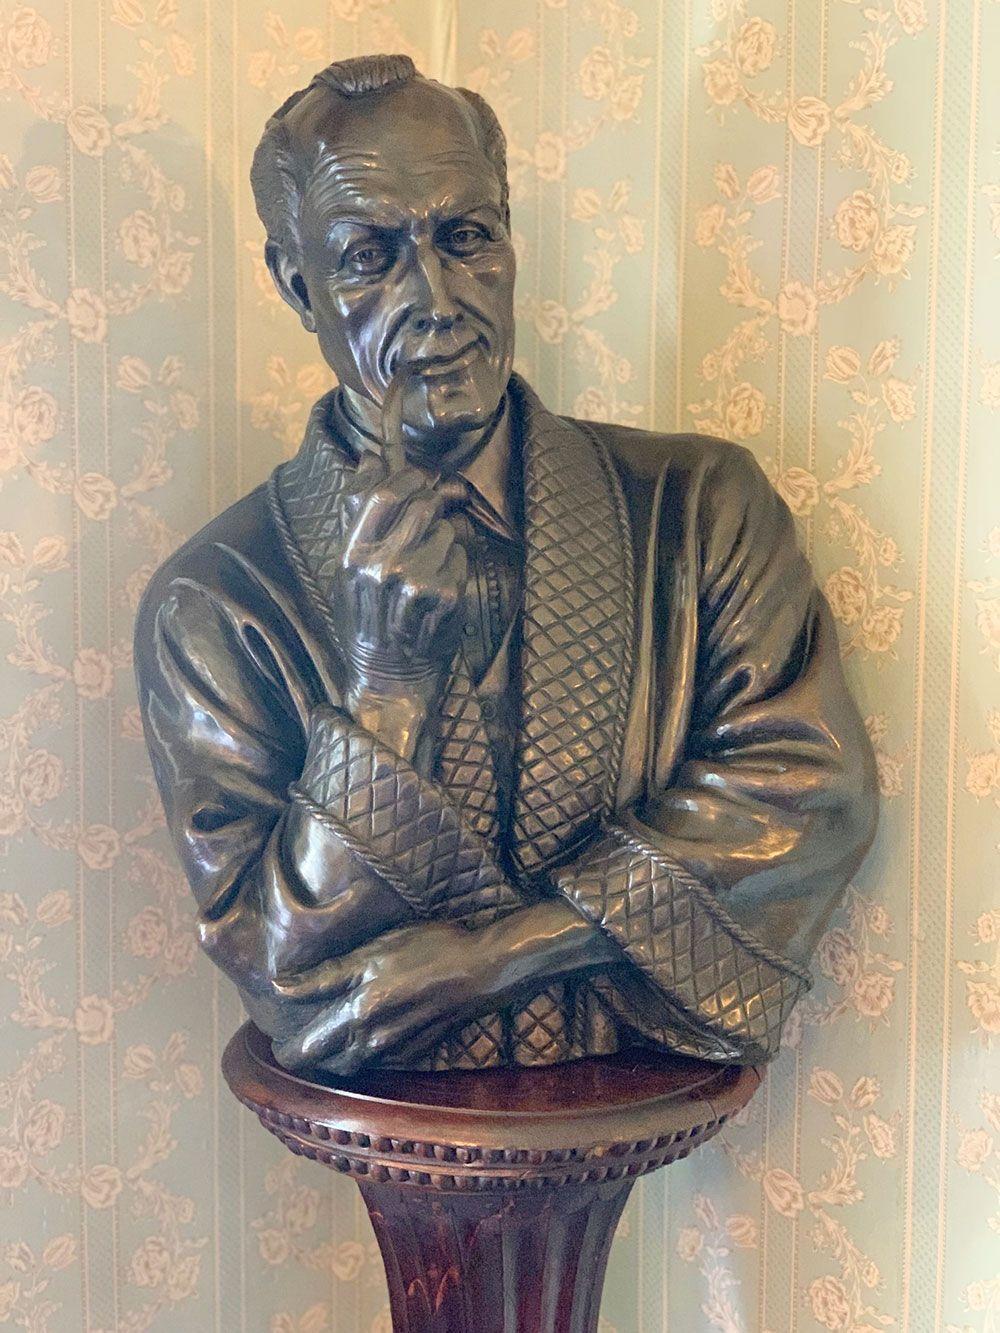 Busto del personaje de ficción Sherlock Holmes